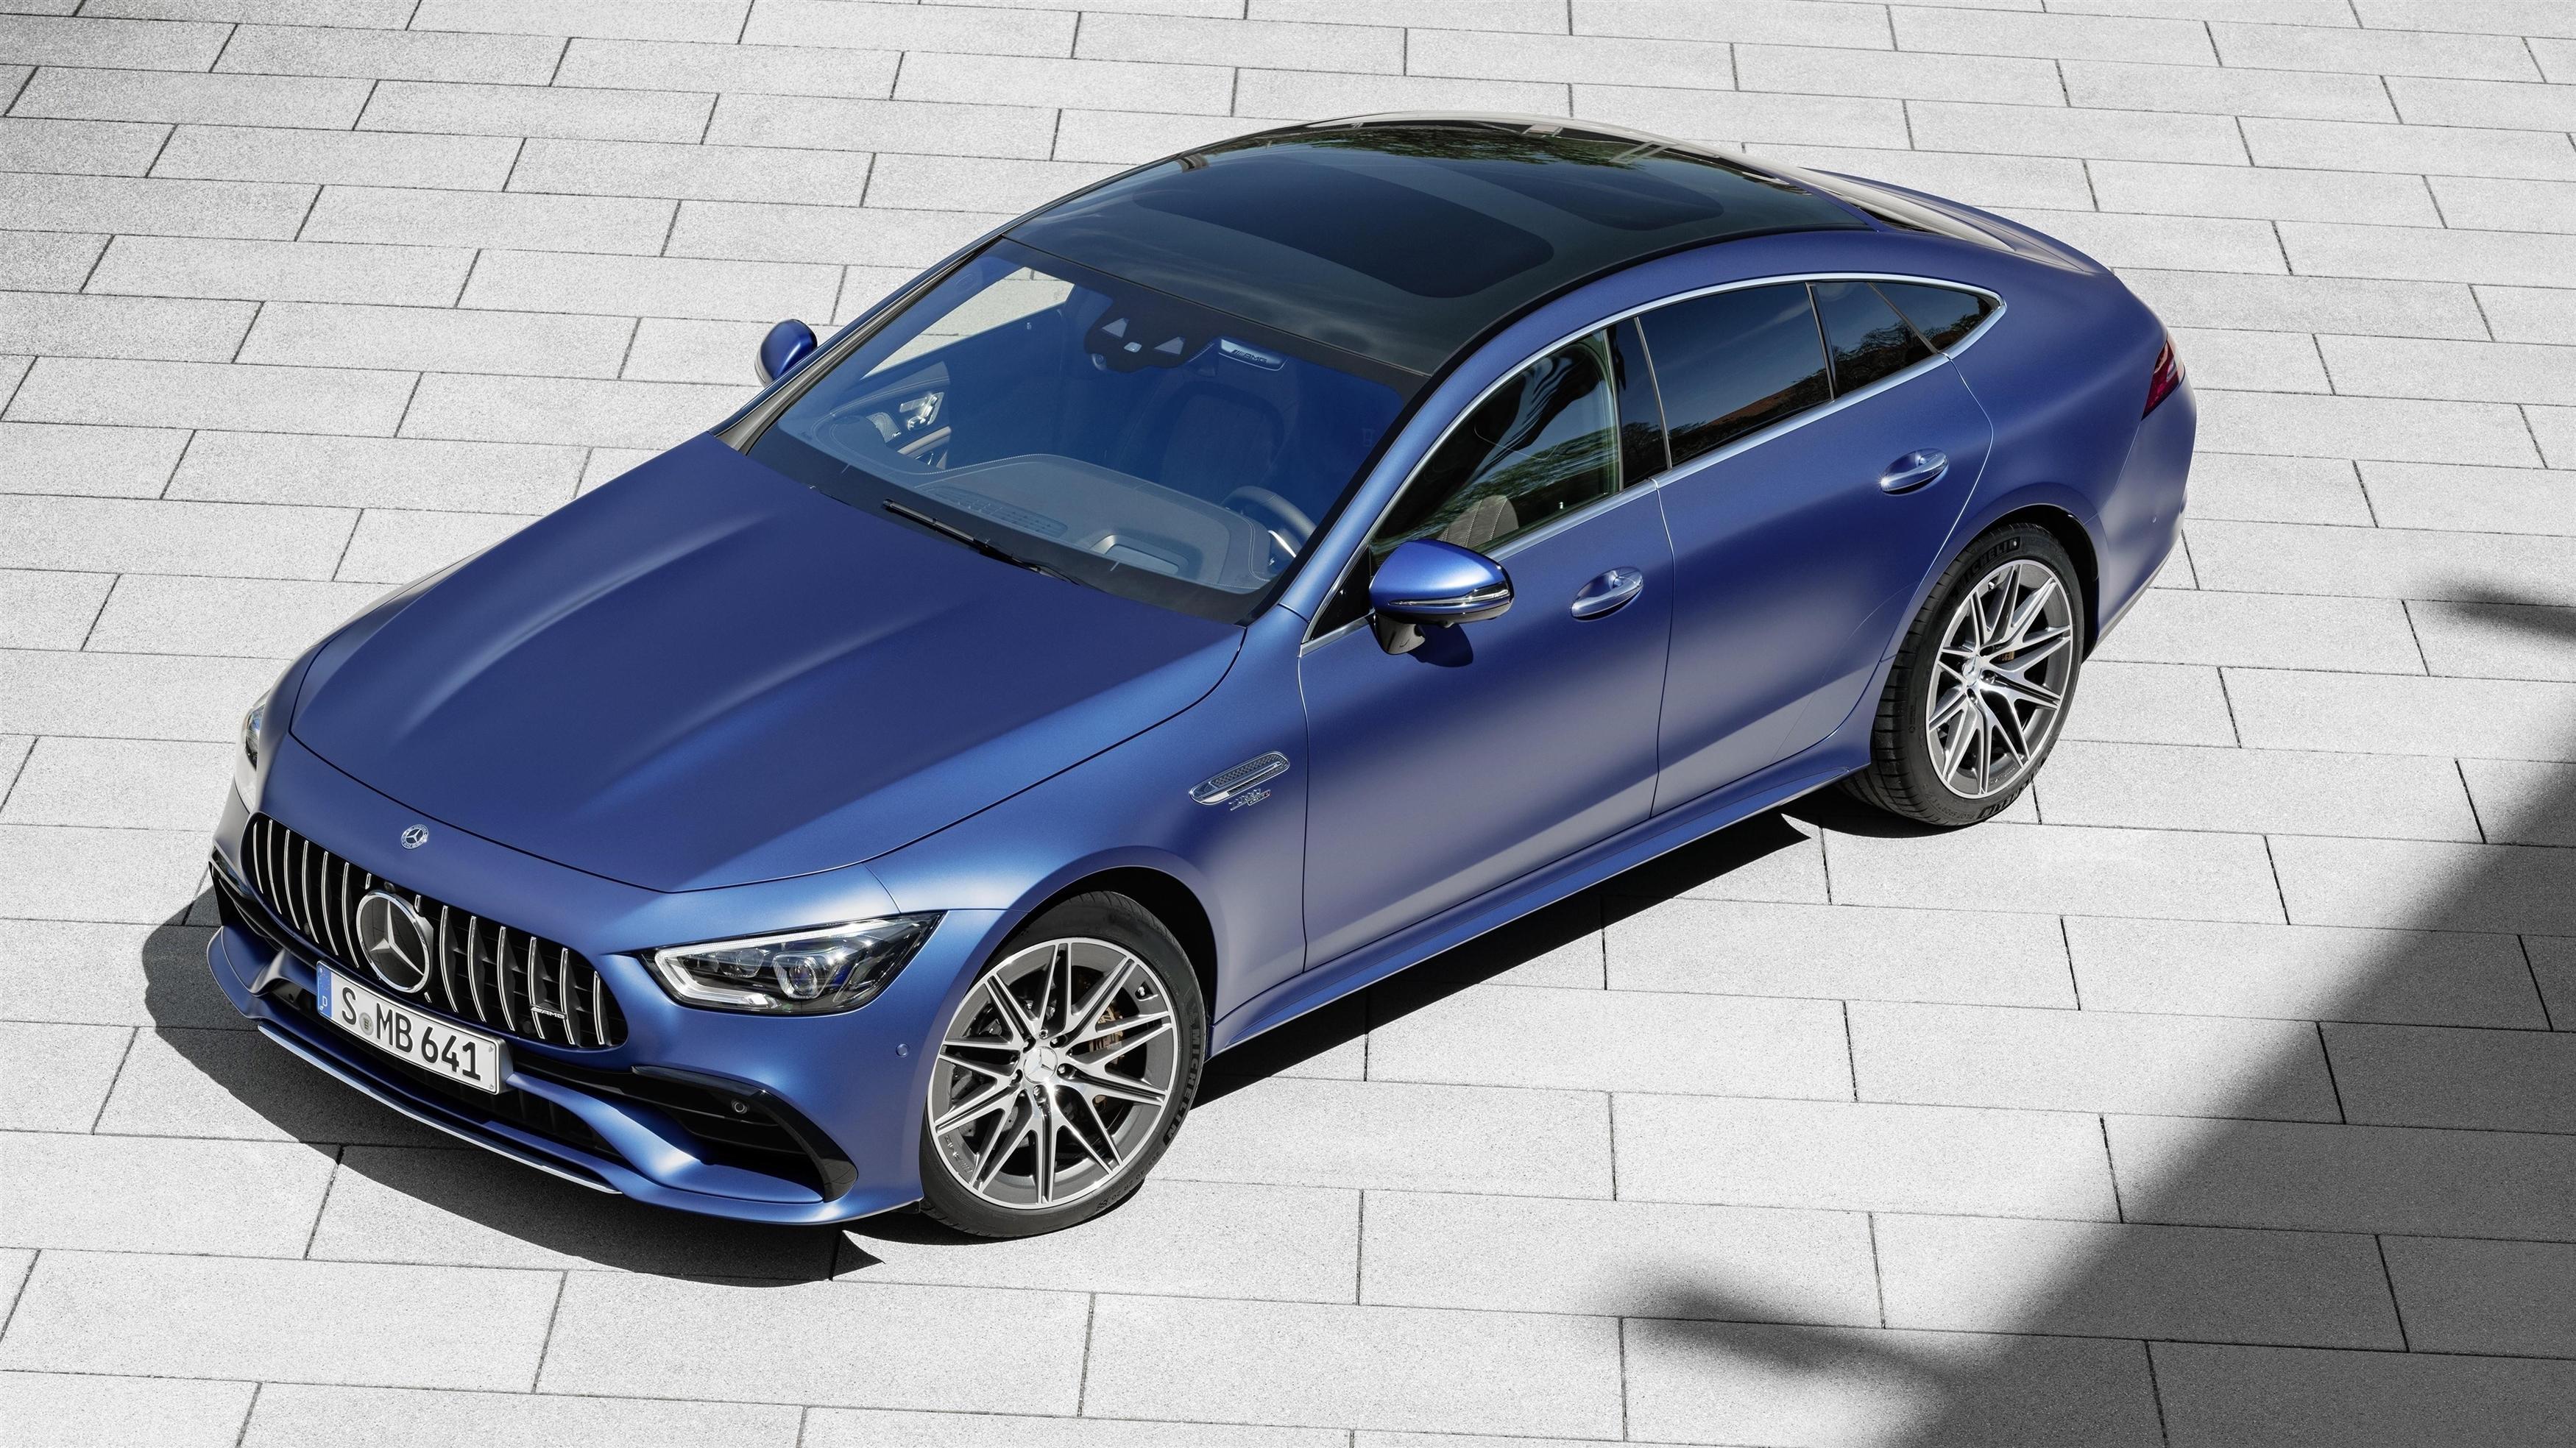 Mercedes amg gt 53 4matic 4-дверное купе 2021 автомобили обои скачать